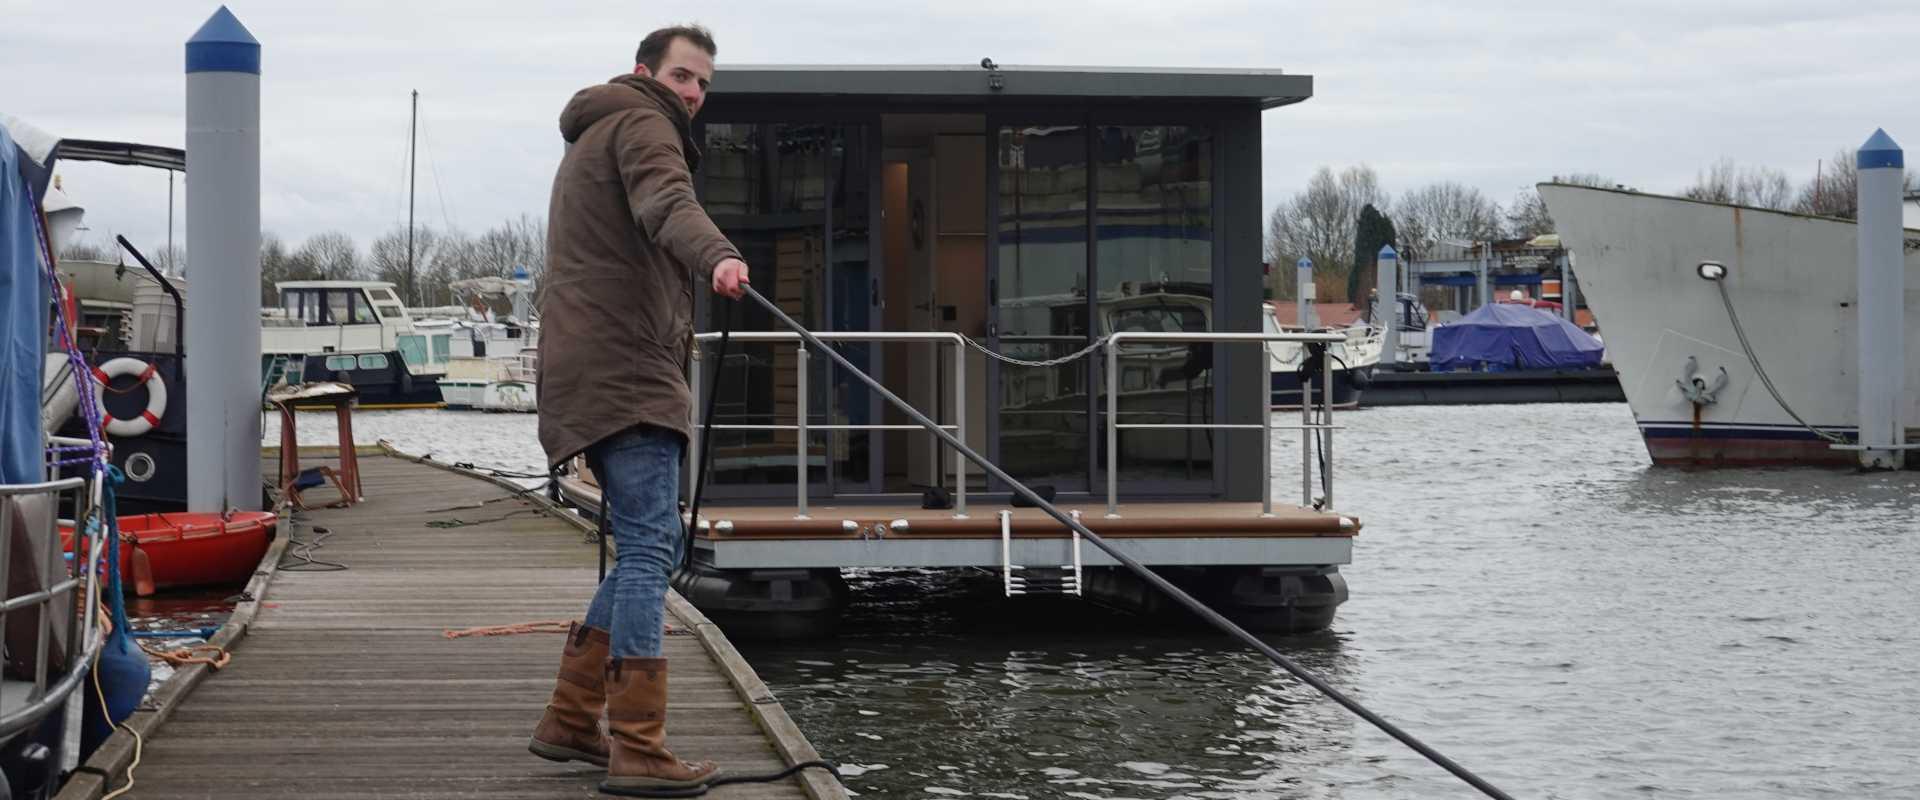 vacature allround medewerker bootverhuur Otter Easy Houseboats